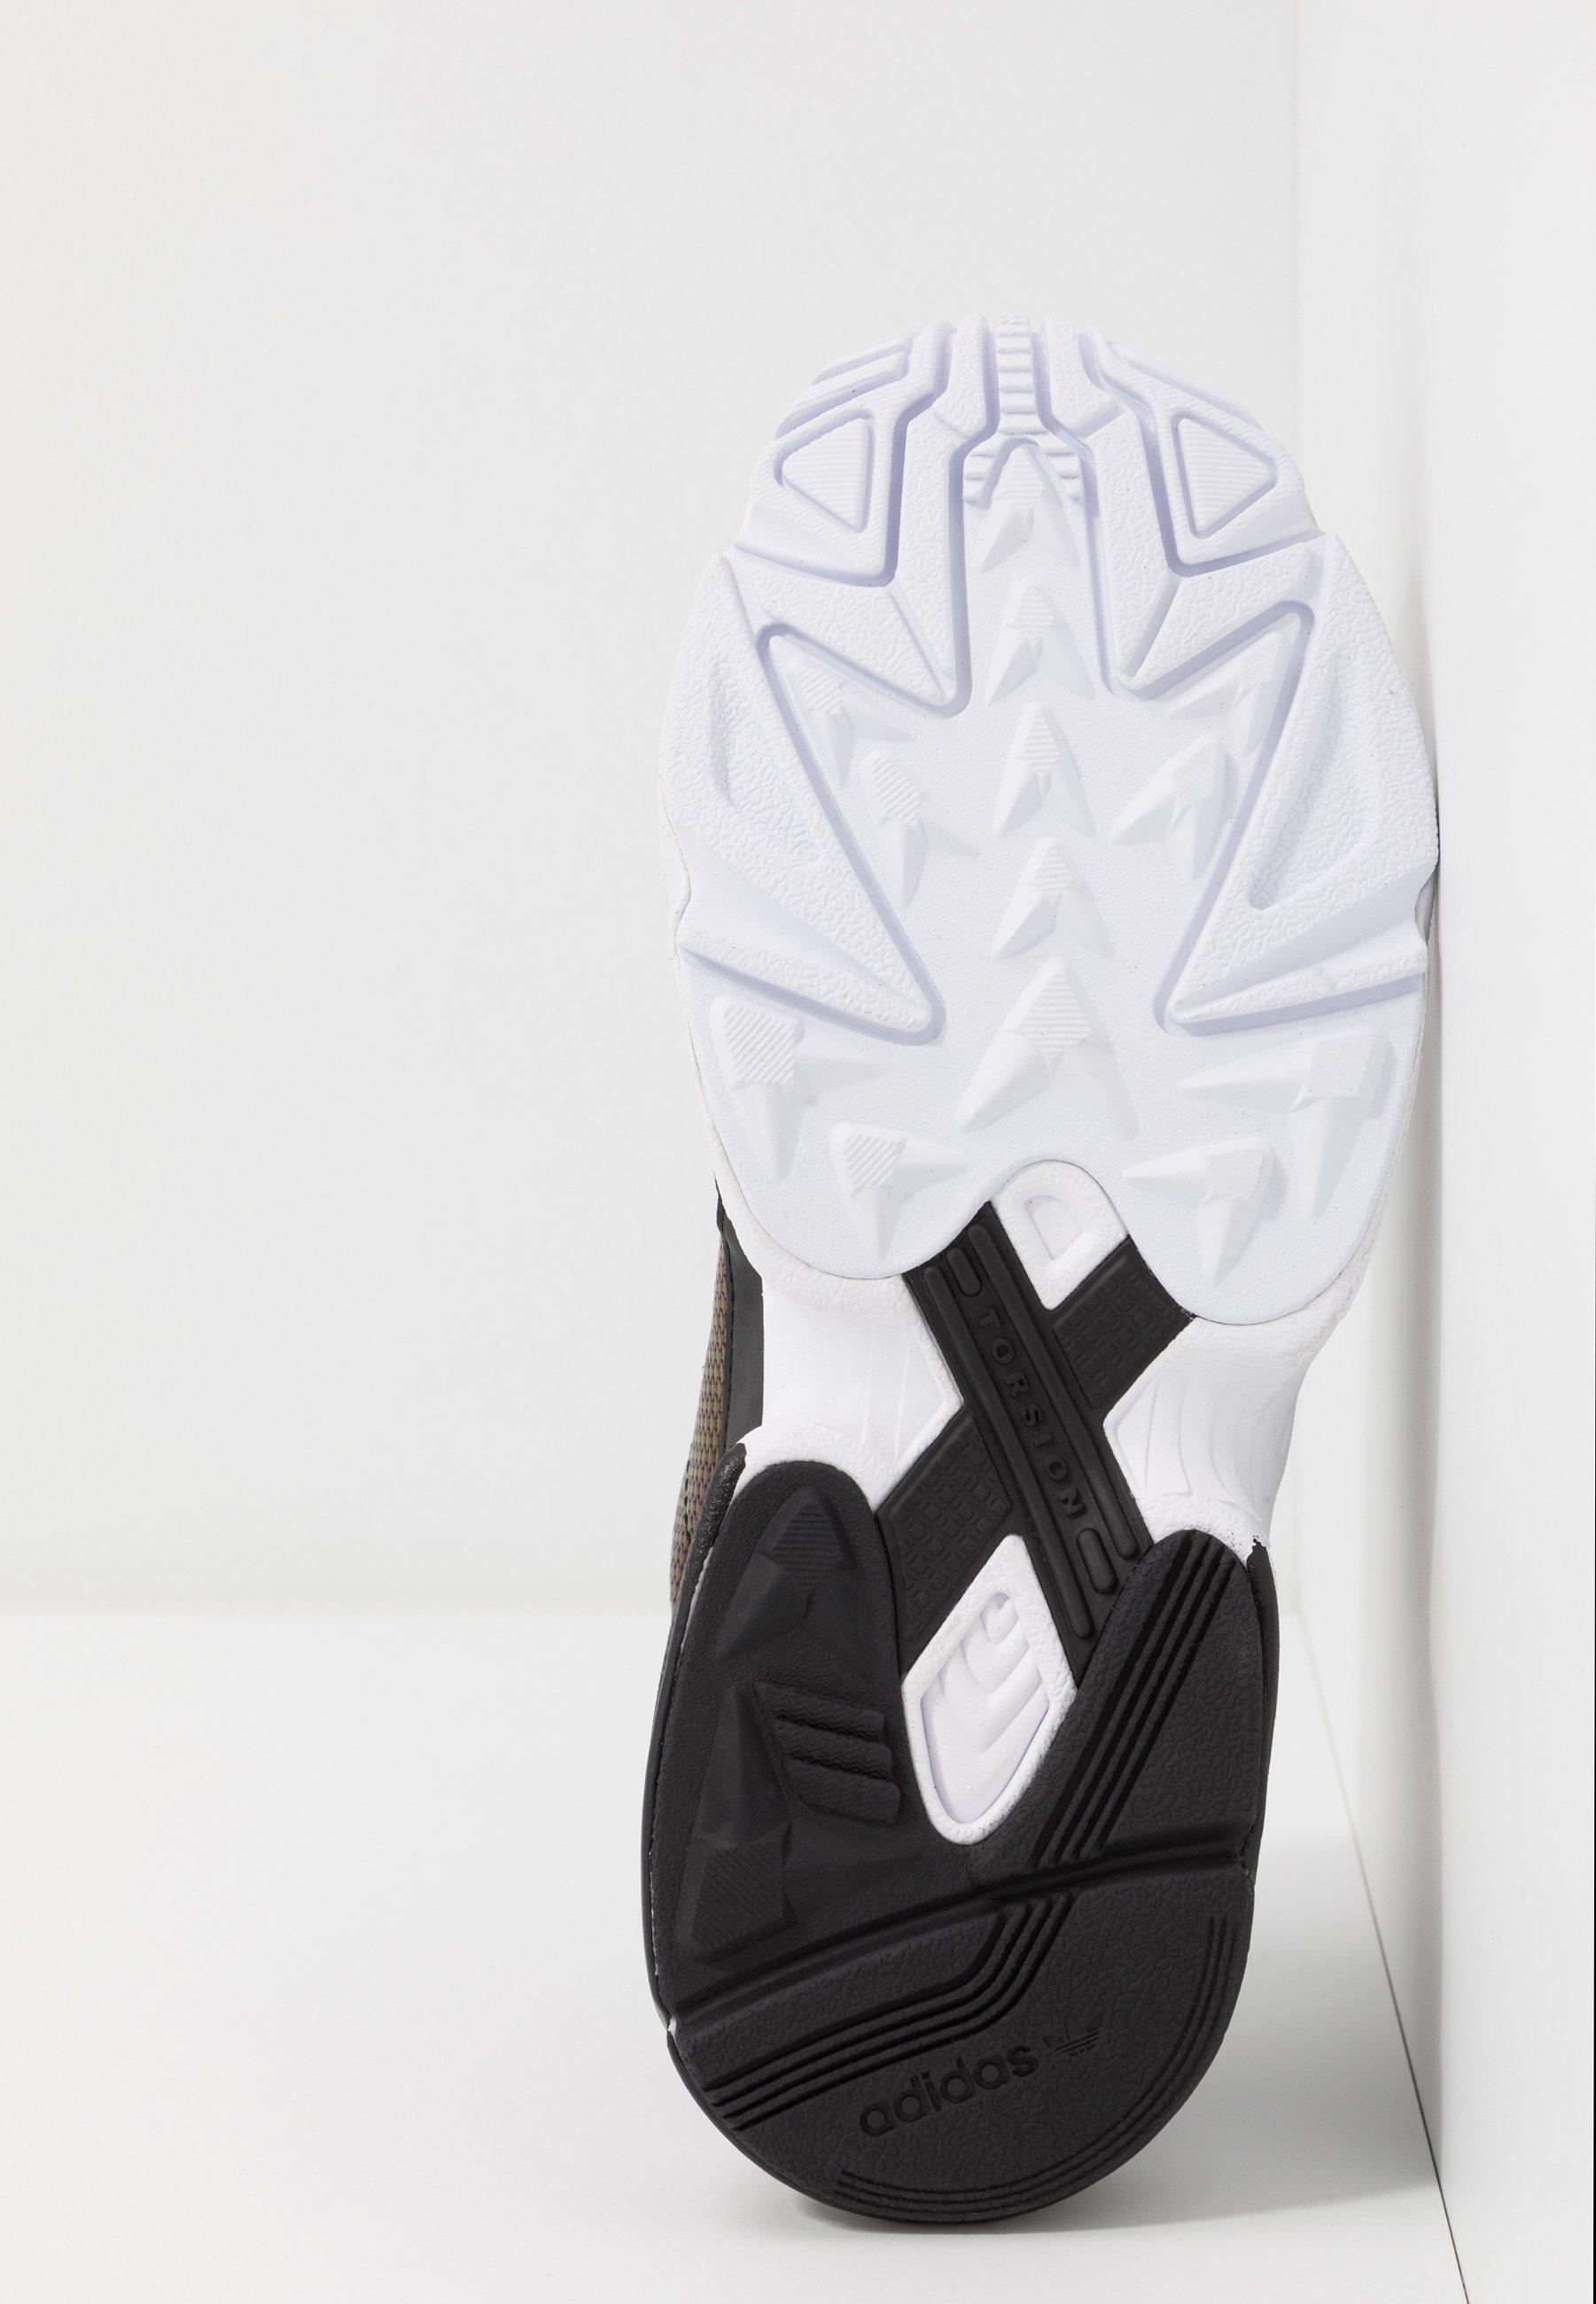 100% authentique Meilleurs prix adidas Originals Baskets basses core black/footwear white/mystery ruby jlkb7